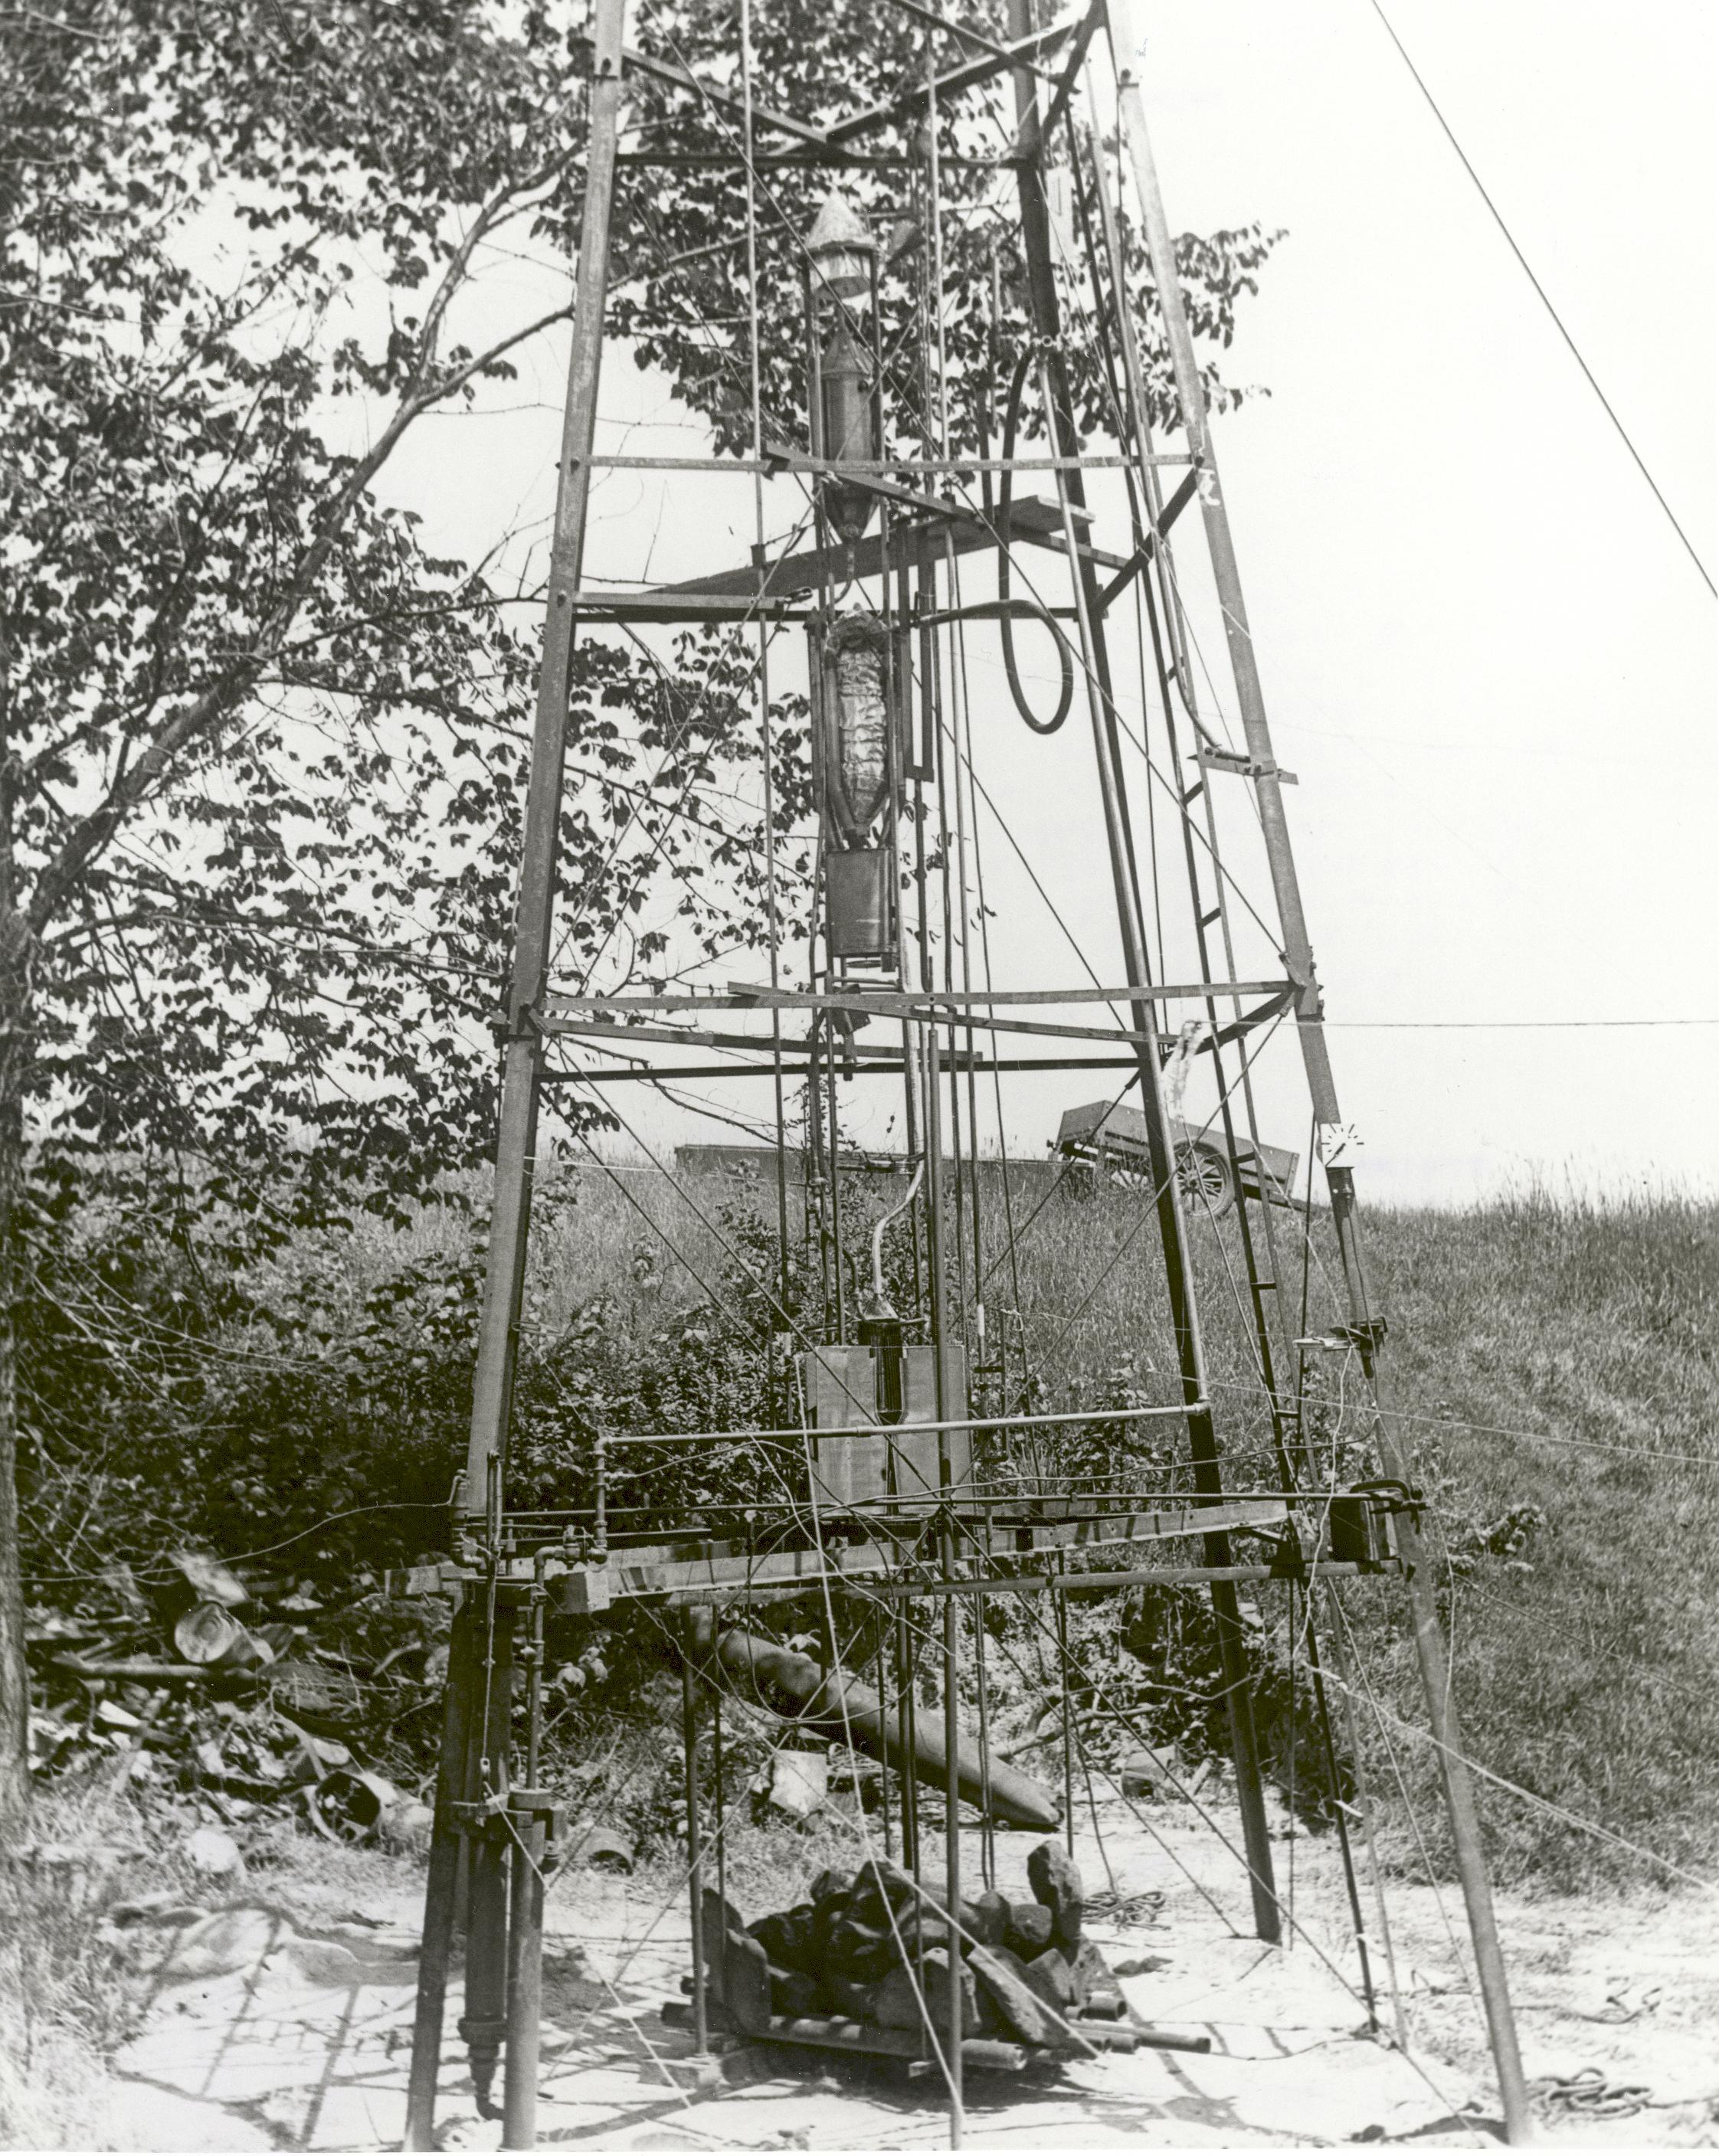 Robert H Goddard Liquid Fuel Rocket